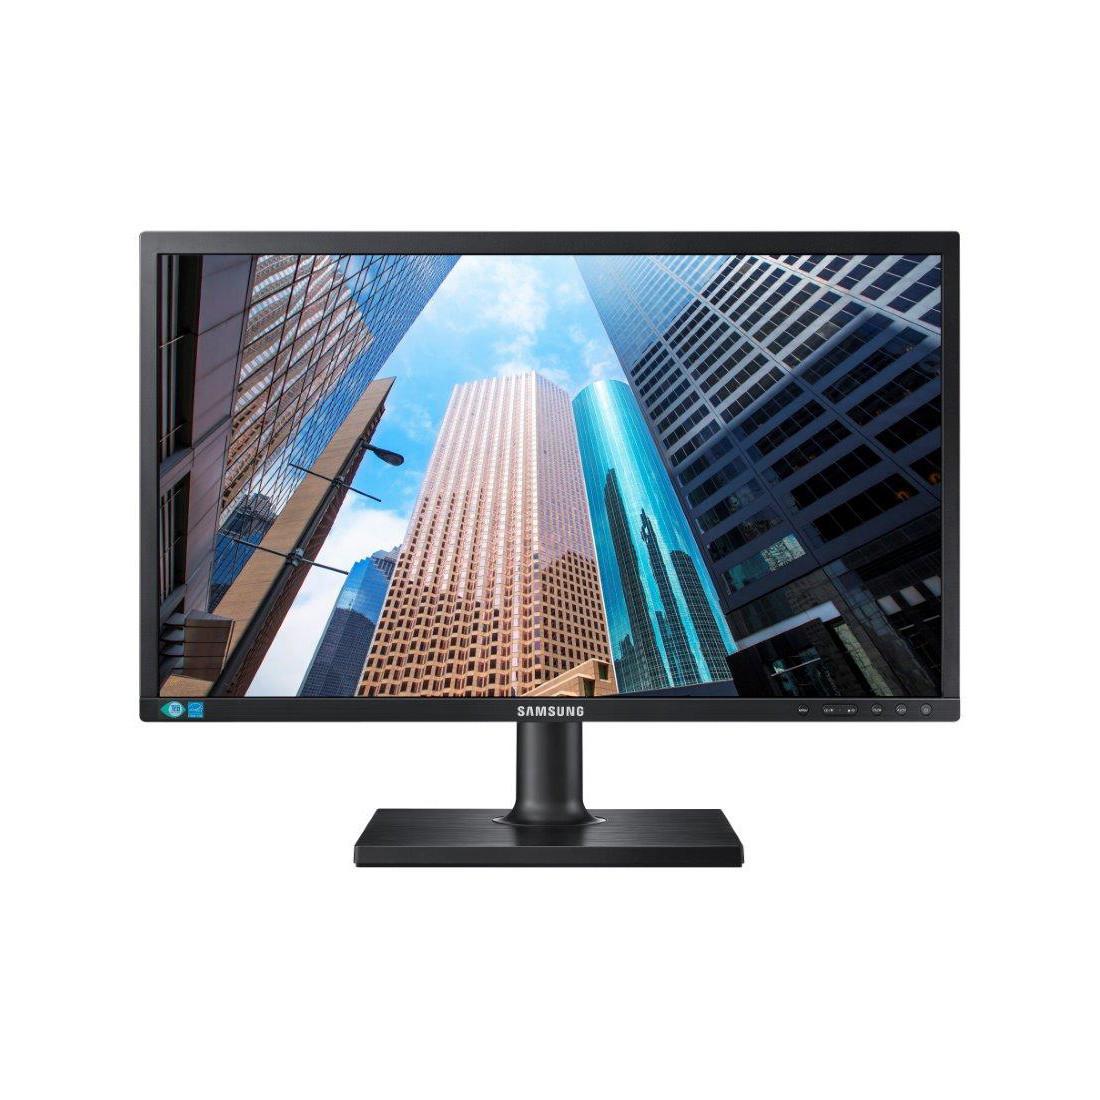 """[T-Online Shop] Samsung LS24E65UPL/EN 23,6"""" (59,94cm) Samsung S24E650PL schwarz 1920x1080 1xDisplayPort / 1xHDMI / 1xVGA"""